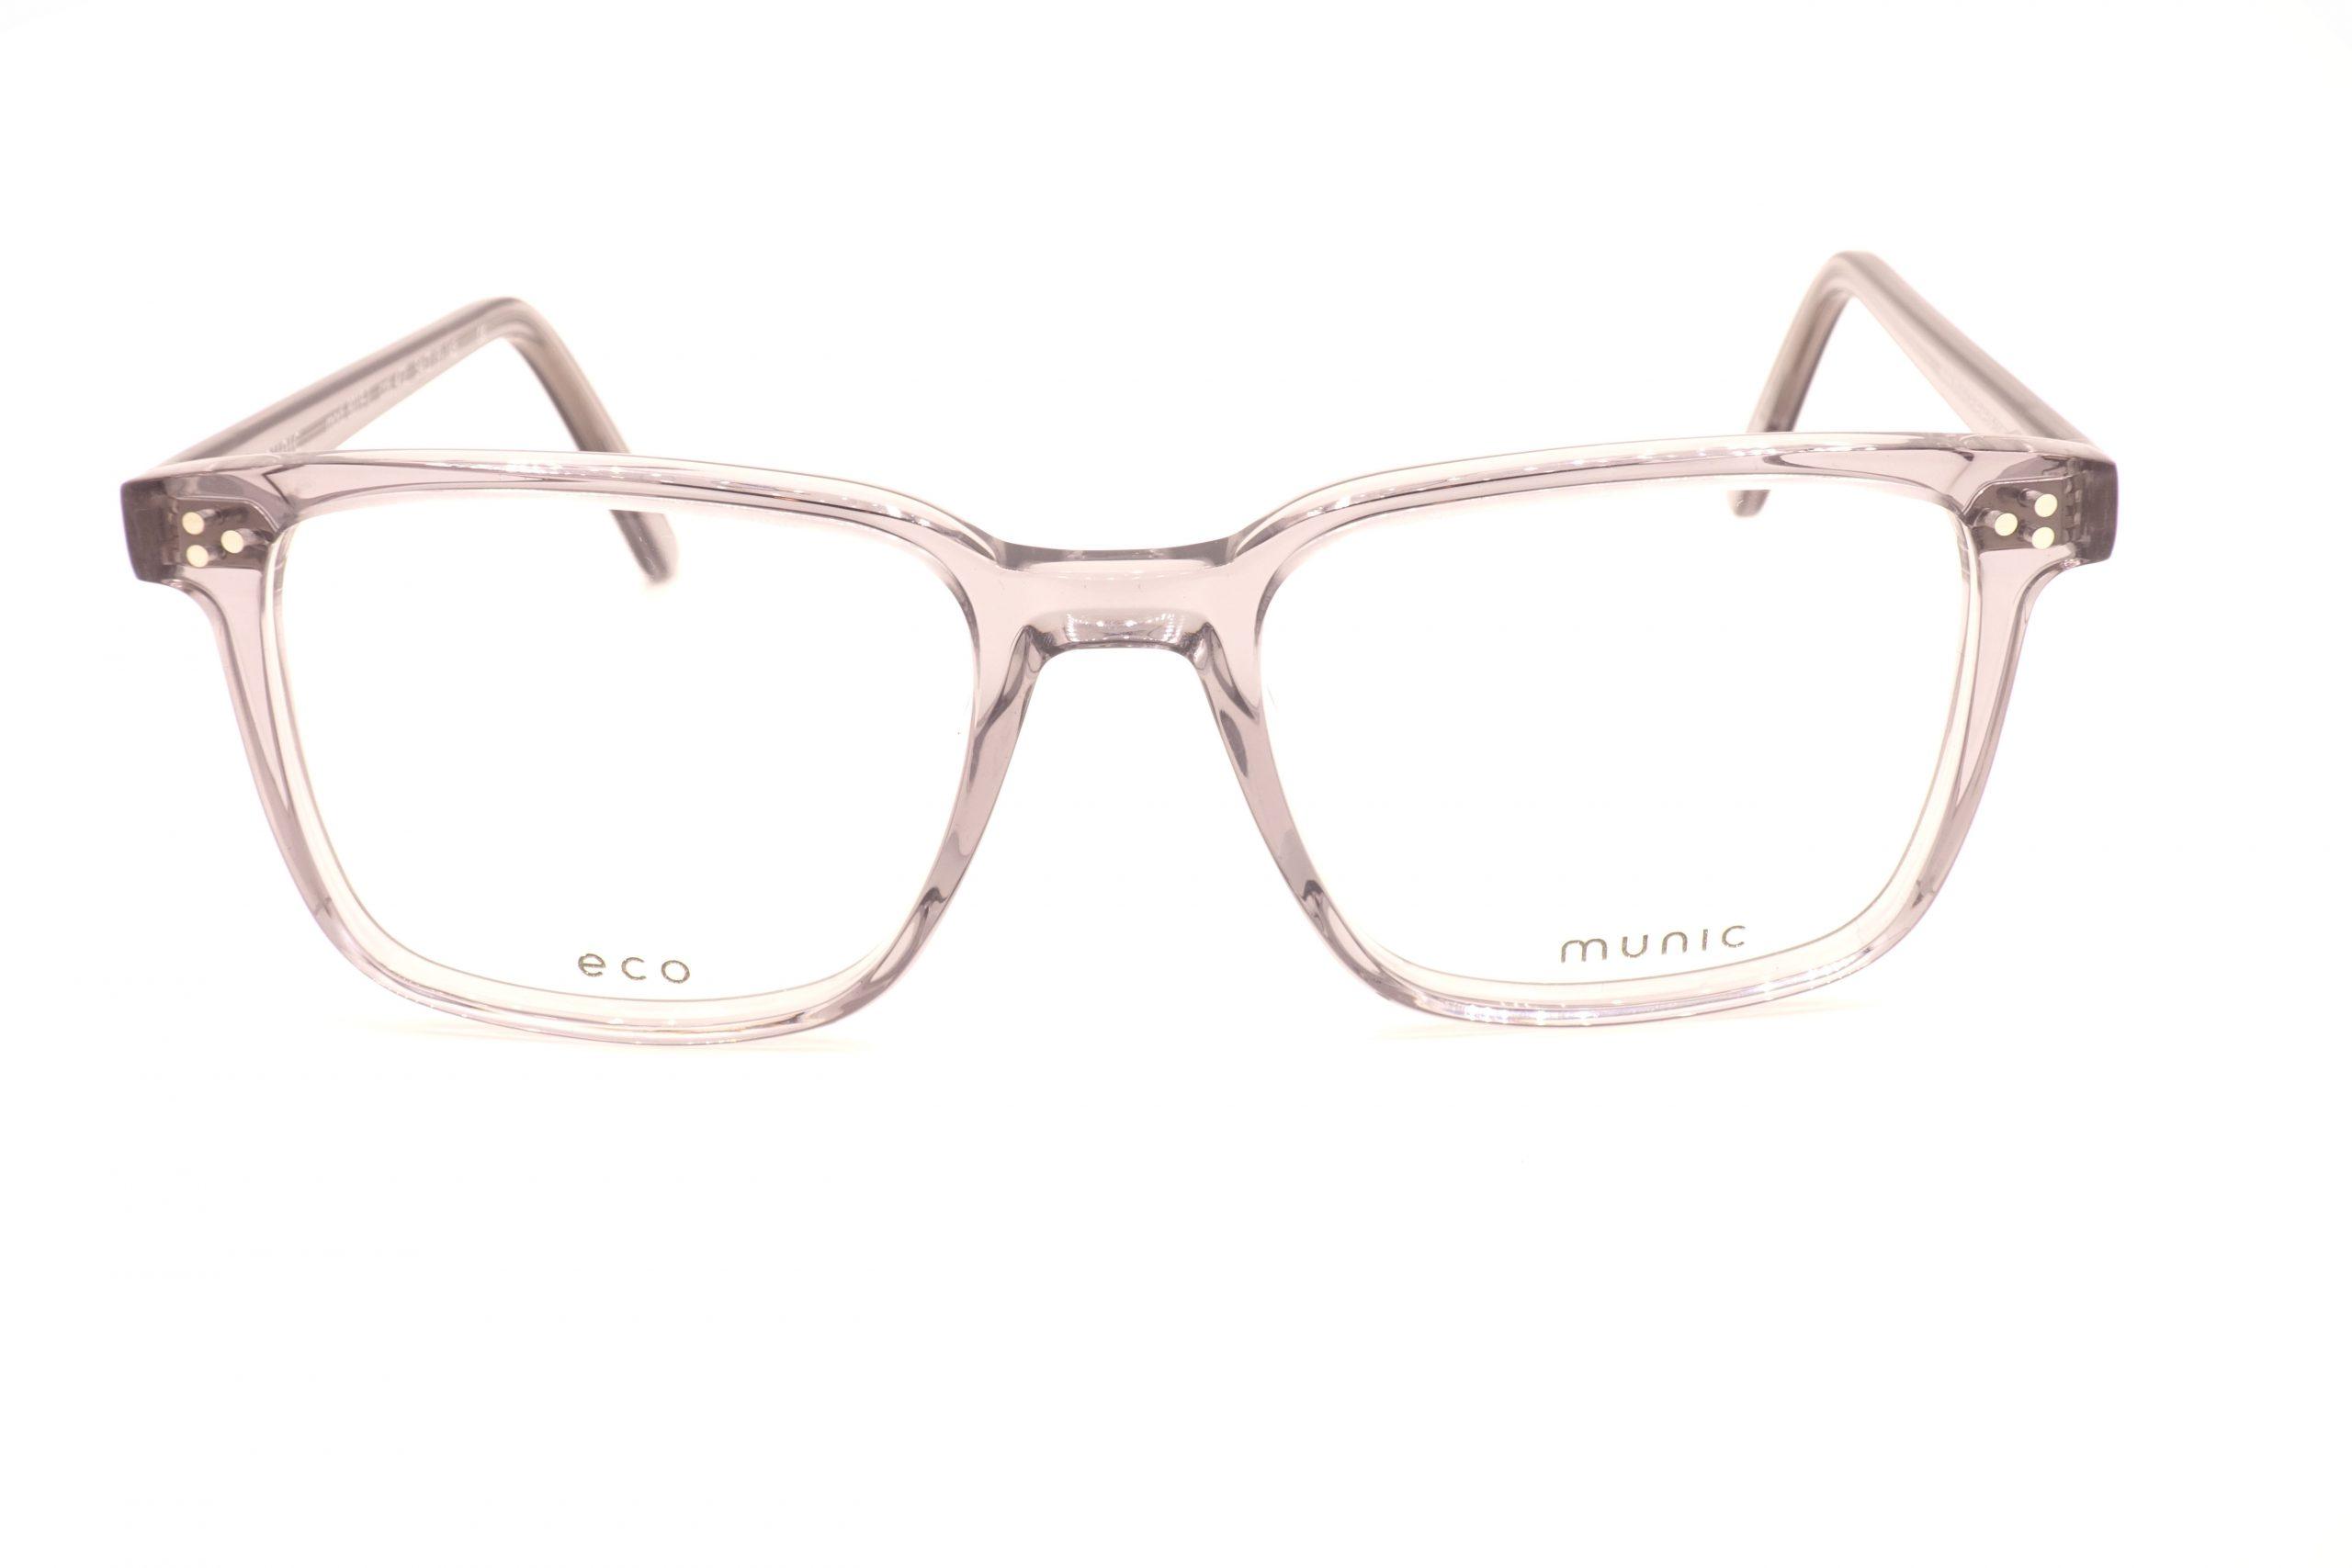 Munic 8019-1